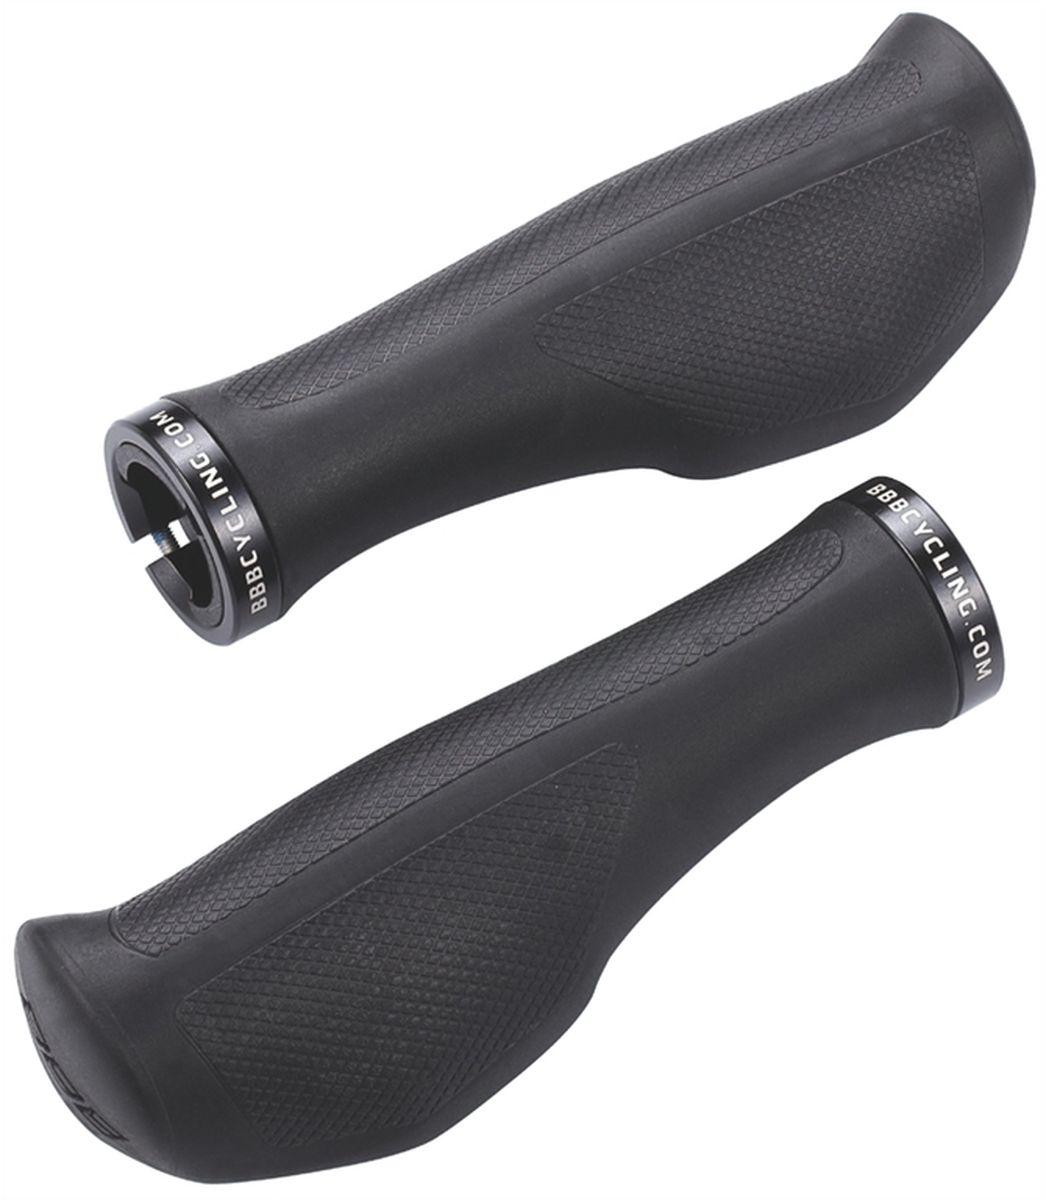 Грипсы BBB ErgoFix,цвет: черный, 13,2 см, 2 штBHG-71С внутренней стороны руки, в области большого и указательного пальцев, профиль грипс BBB ErgoFix тонкий. Они отлично подходят и для небольших ладоней, но также хорошо подходят для крупных. Основа грипс - материал Kraton, применяемый для структурной целостности. Также, применяются гелевые вставки для большего комфорта и лучшей ухватистости. На внешней стороне грипс размещен своего рода бампер для дополнительного контроля. В части дополнительного сцепления добавлены алюминиевые фиксирующие кольца для быстрой установки. Заглушки руля интегрированы с грипсами во избежание использования лишних деталей.Особенности:Эргономичные грипсы с гелевой поддержкой ладони.Очень удобные за счет анатомической формы и поддержки ладони.Фиксация алюминиевым хомутом.Хомут с резьбовым фиксатором надежно удерживает от проскальзывания на руле.Простой монтаж.Длина: 132 мм.